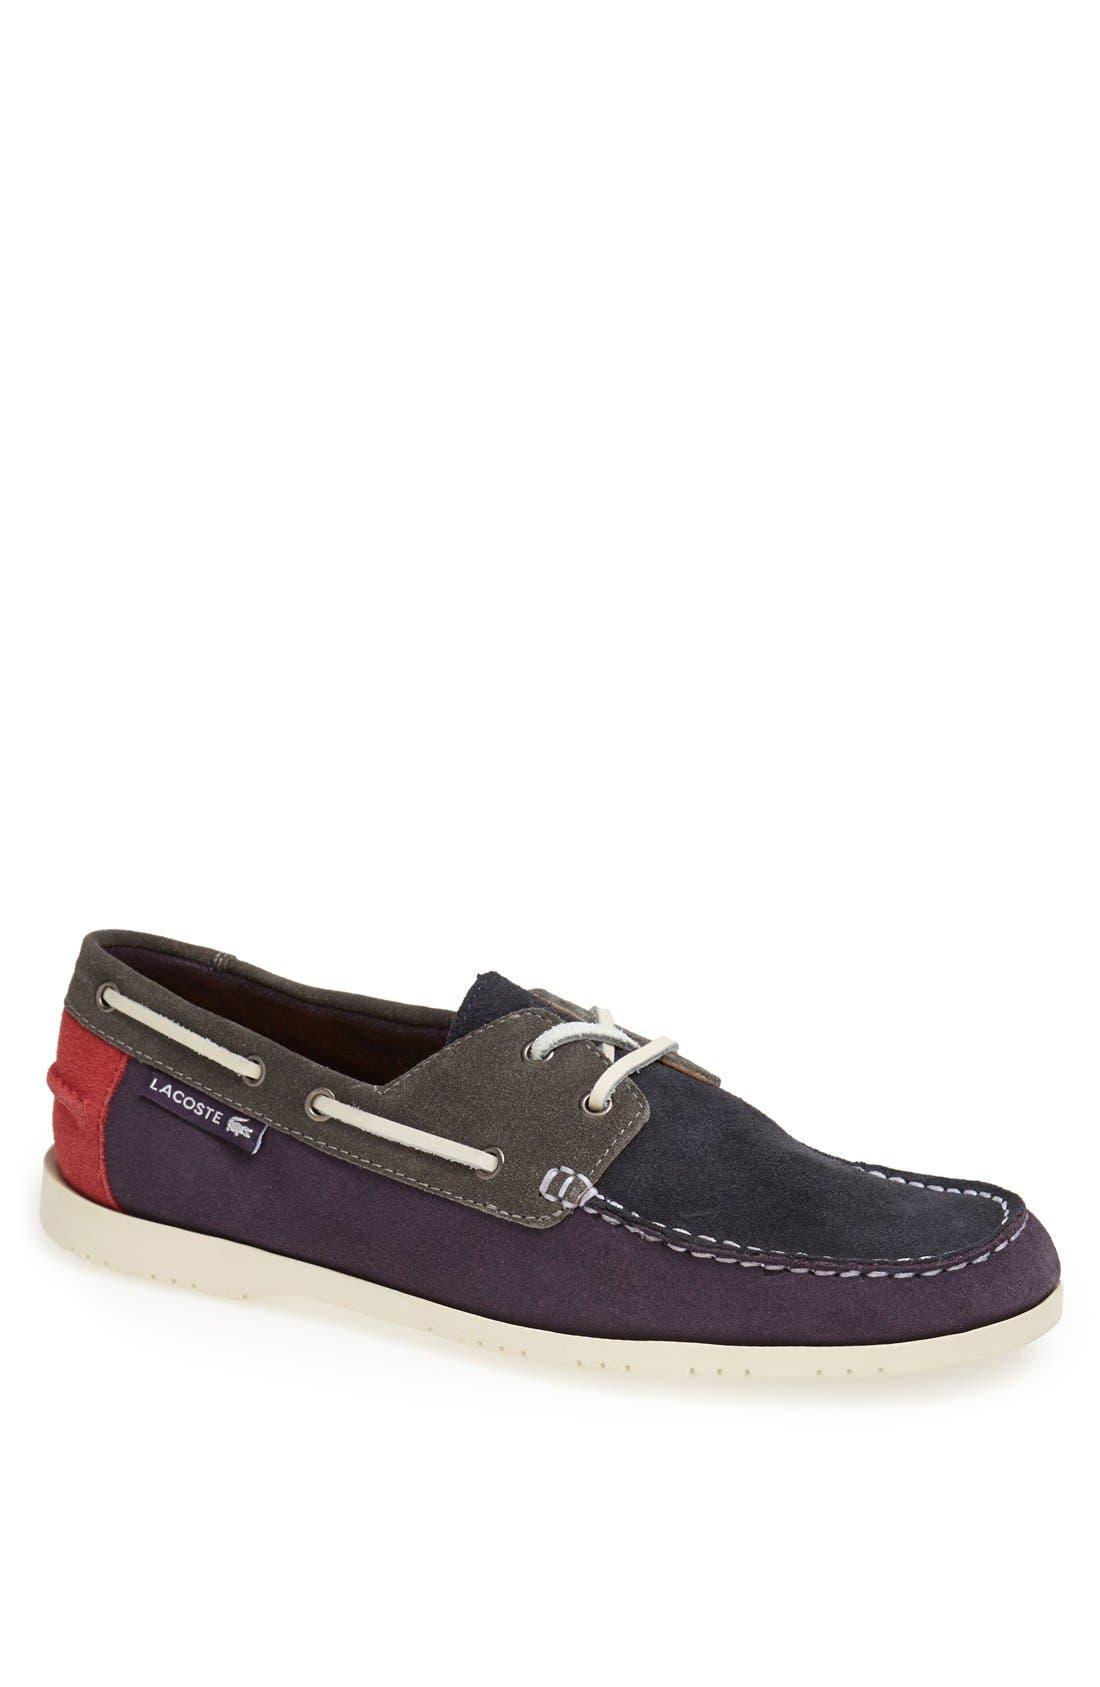 LACOSTE 'Corbon 7' Boat Shoe, Main, color, 518